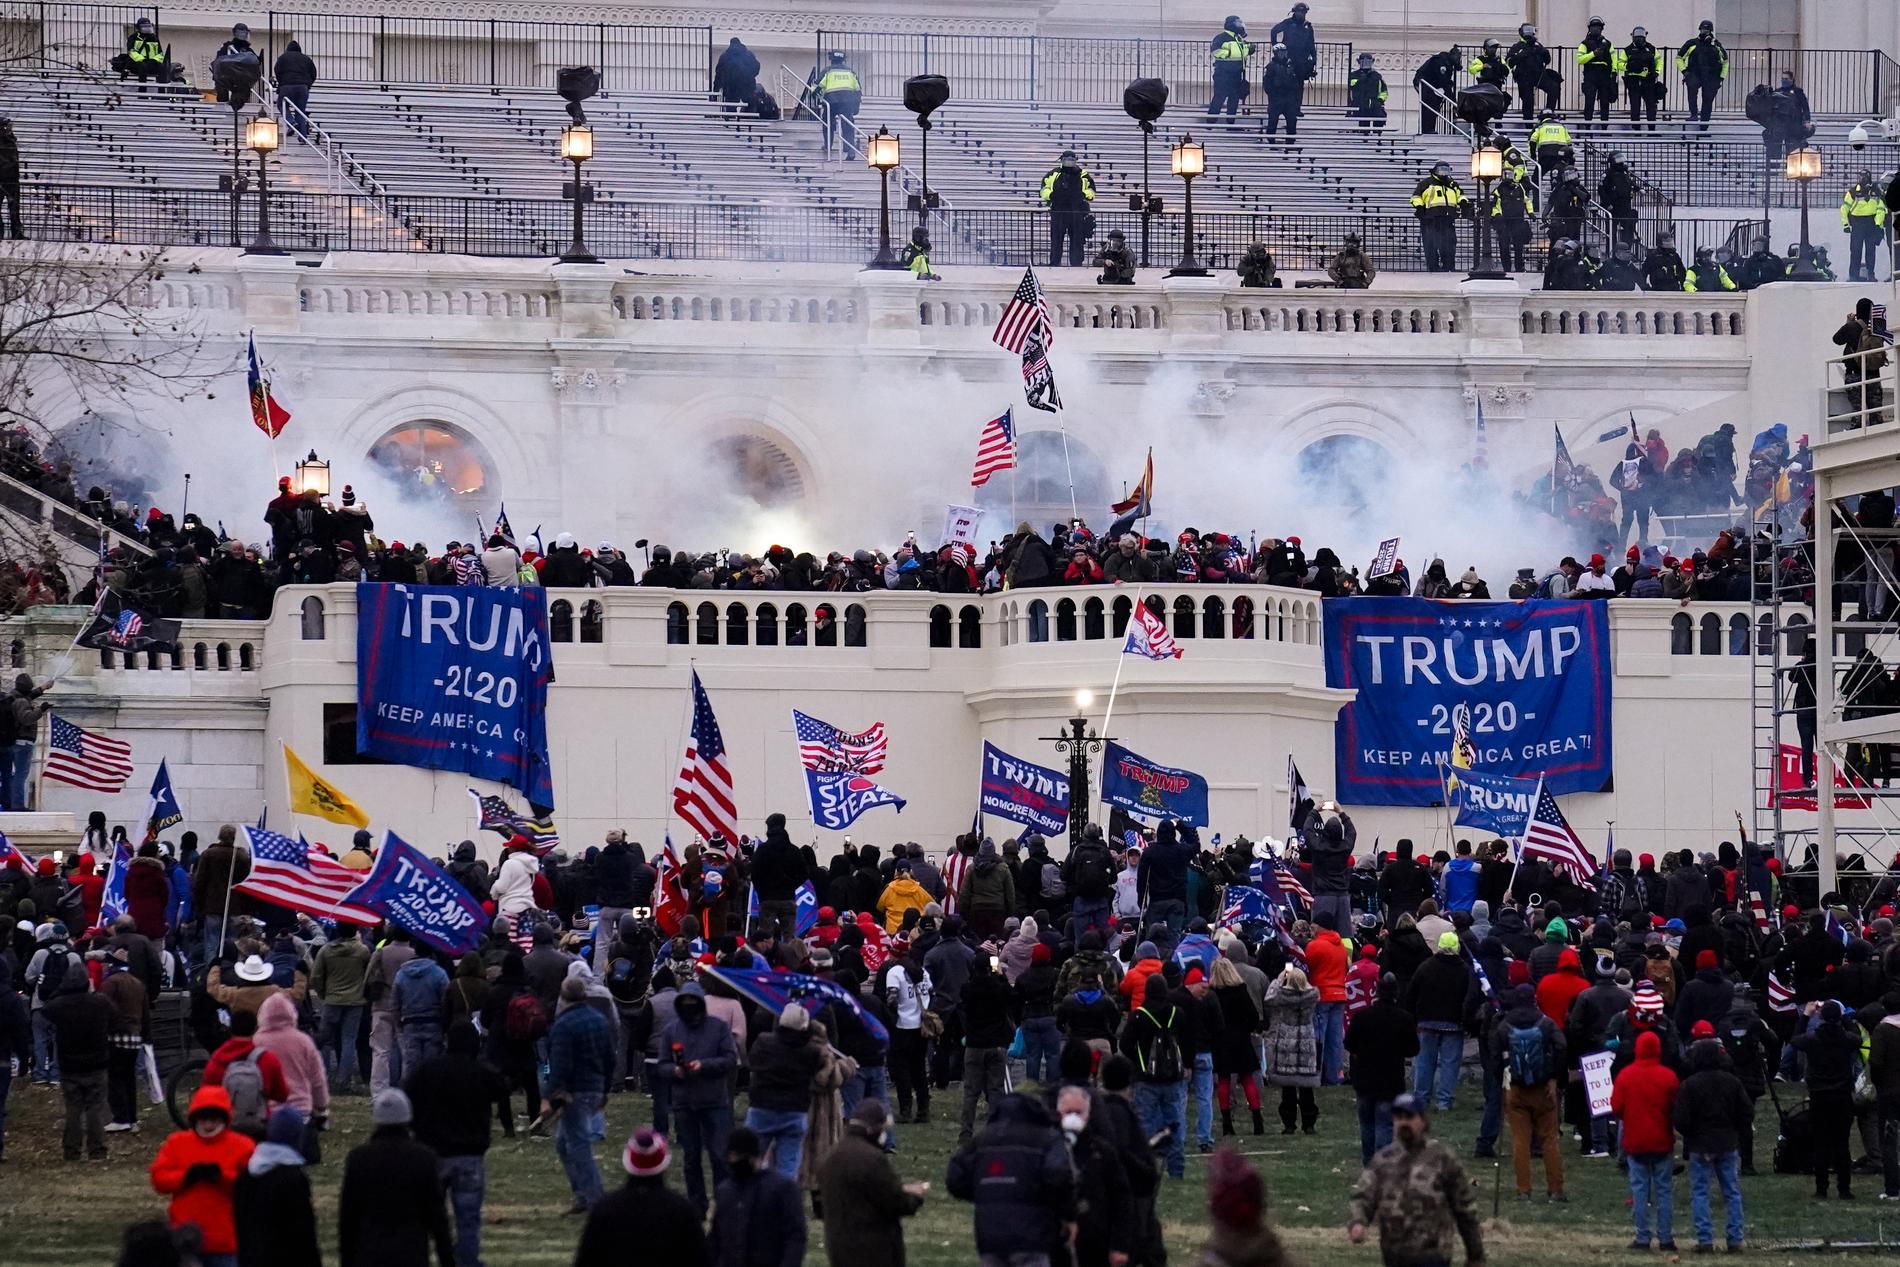 Den historiska stormningen av kongressbyggnaden Kapitolium i Washington DC den 6 januari 2021. Arkivbild.